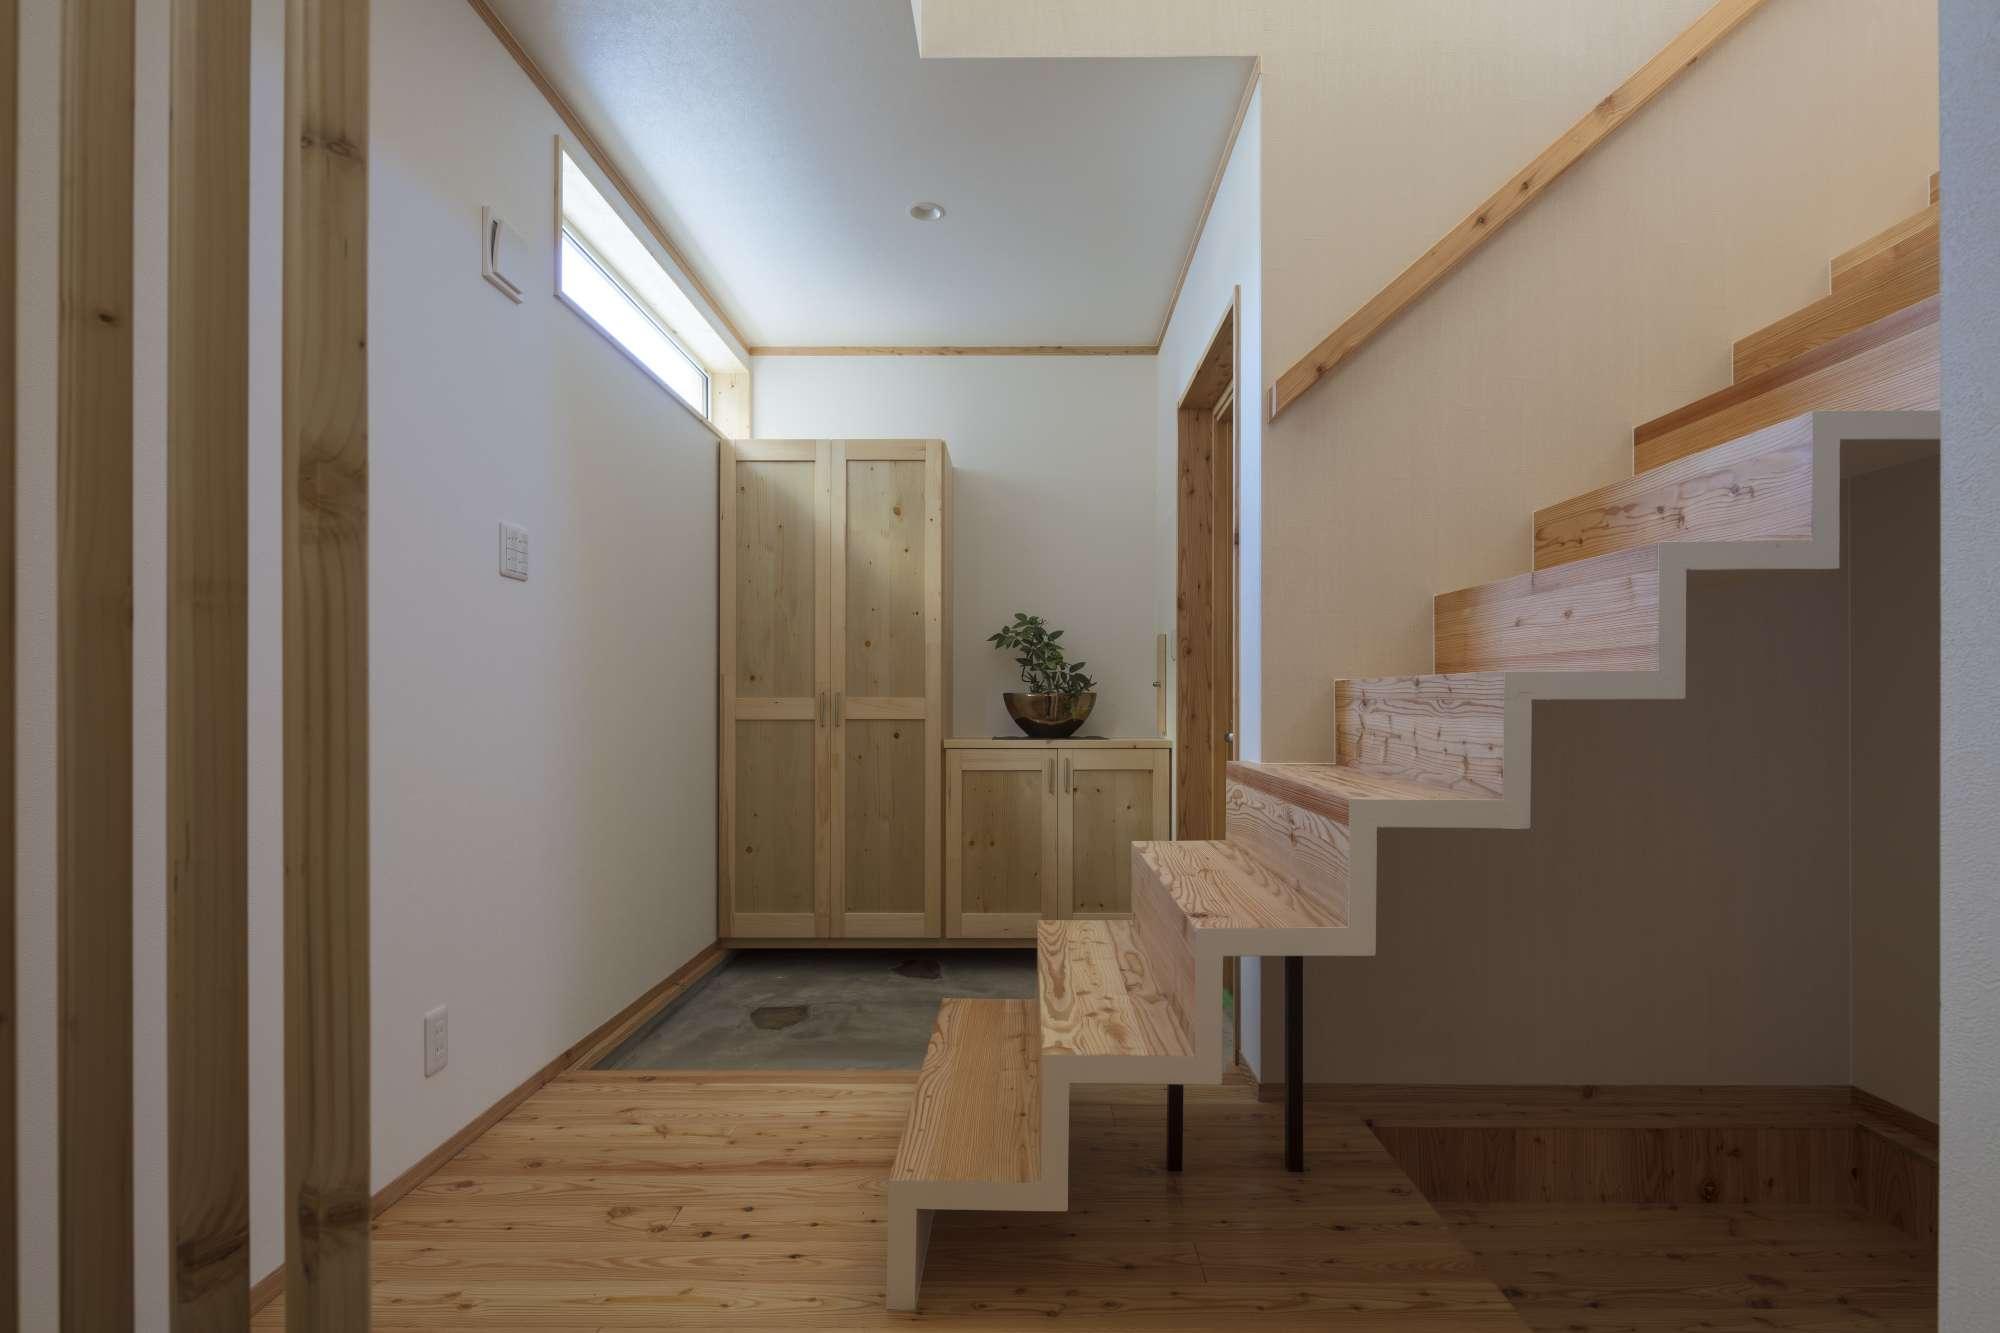 造作下駄箱、造作階段は開放的な空間演出。 -  -  -